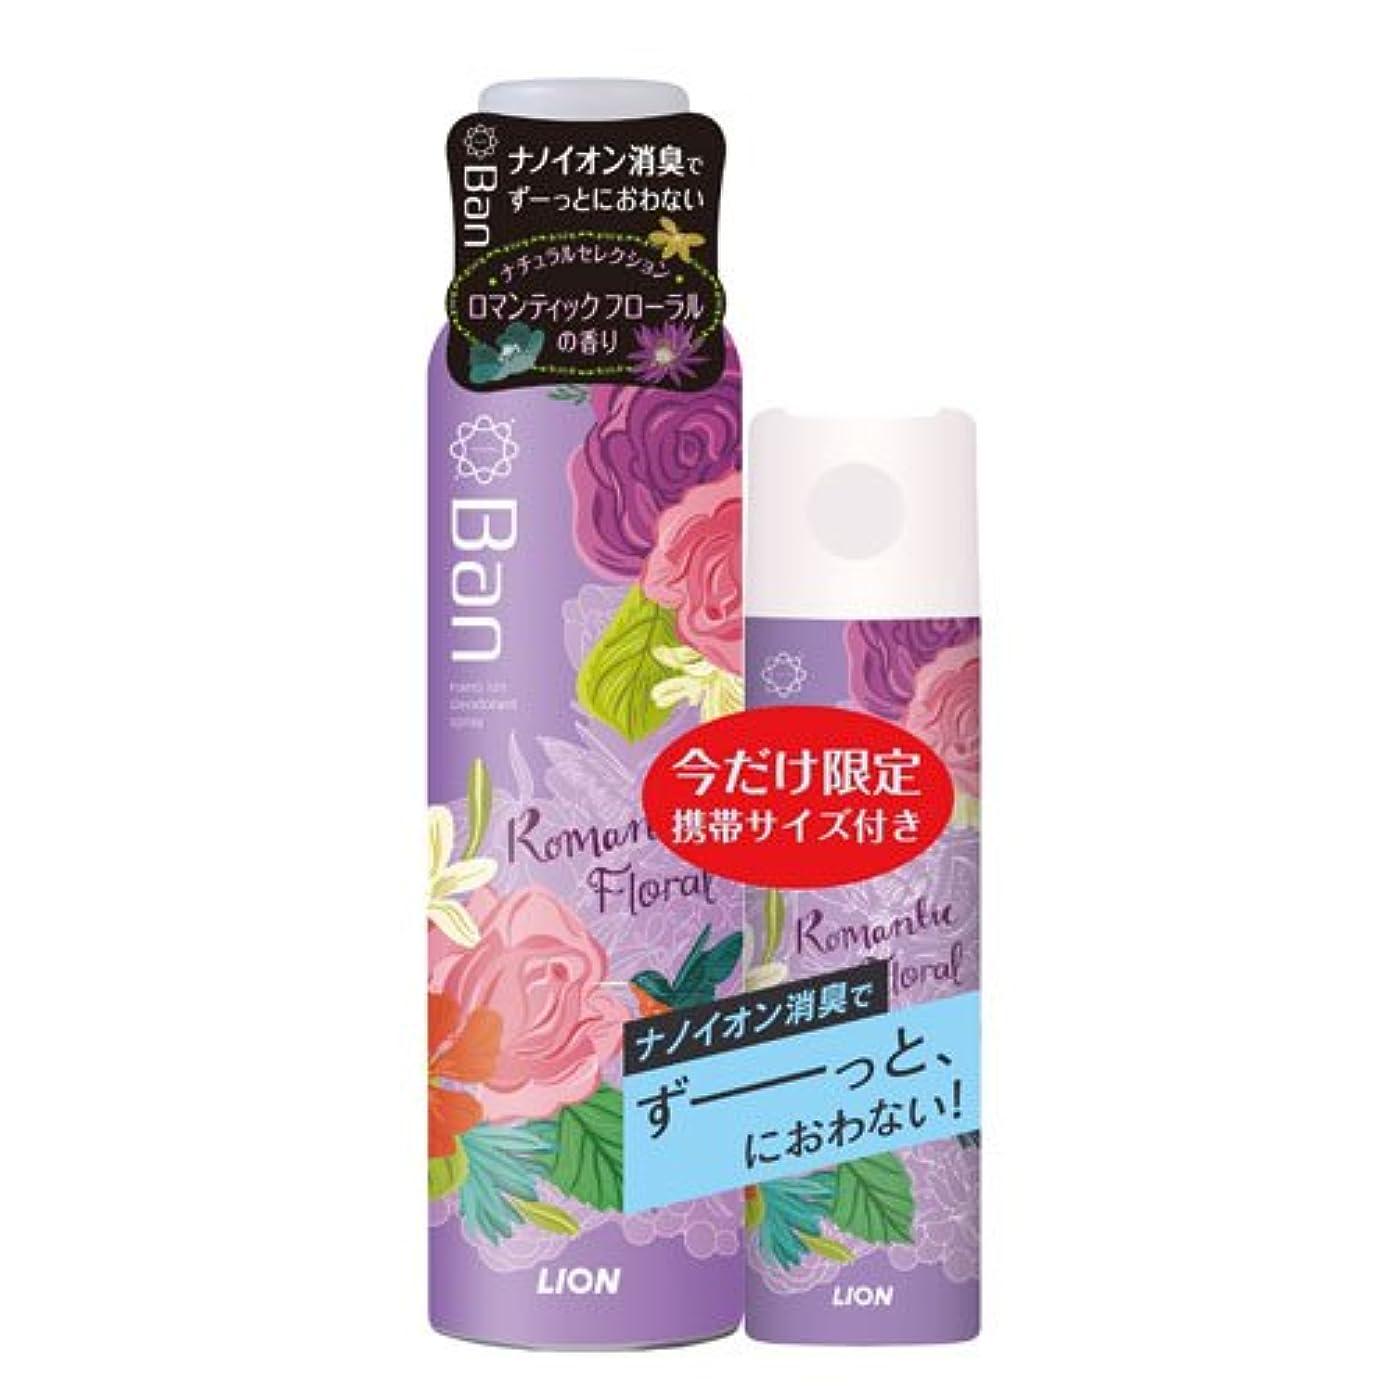 迅速スナップ神話Ban(バン)デオドラントパウダースプレー トレンドセレクション ペアセール品 ロマンティックフローラル 135g + 45g (医薬部外品)